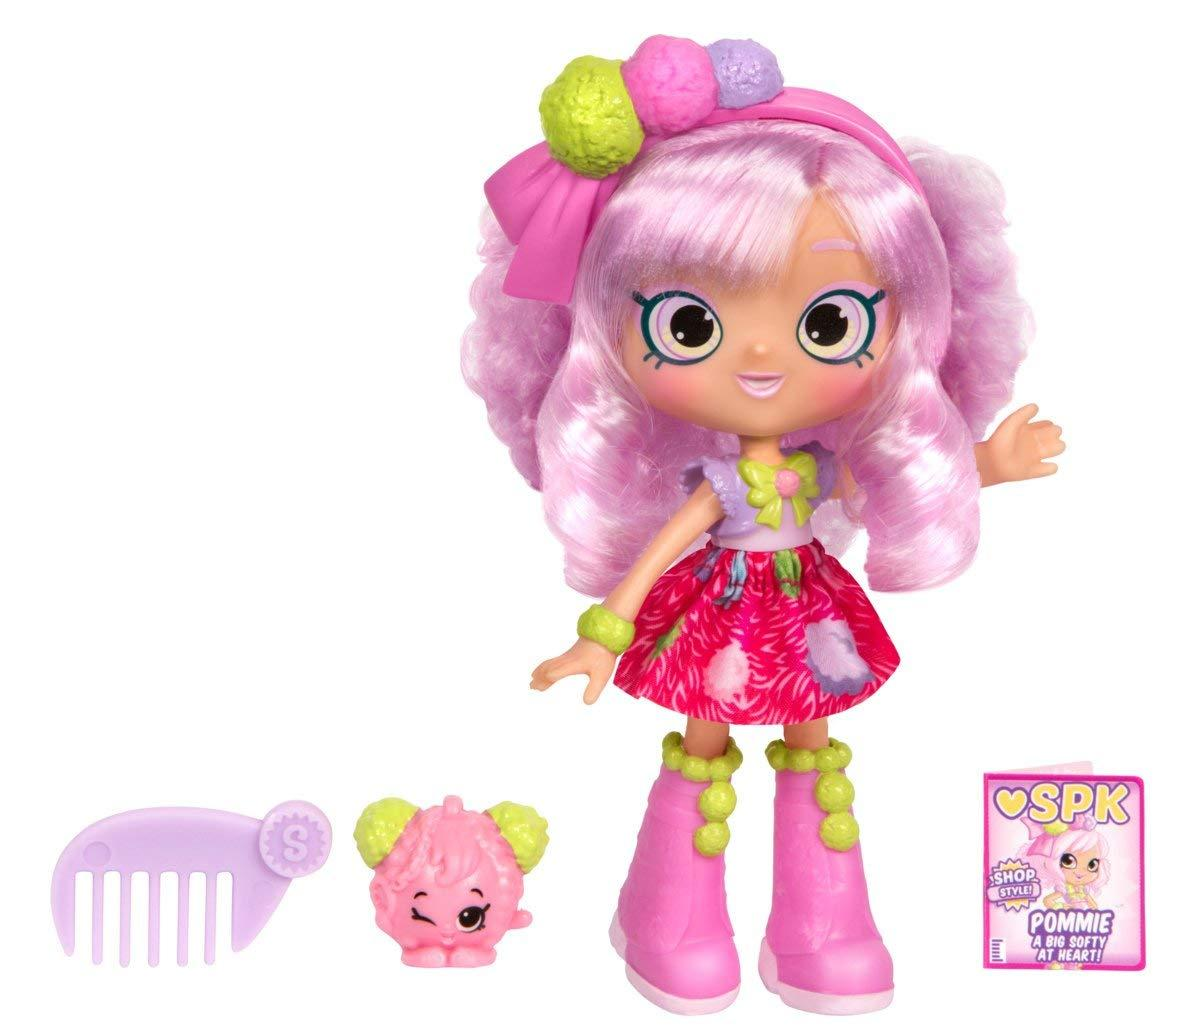 Кукла Шопкинс Помми Shopkins Shoppies Season 10 Shop Style - Pommie оригинал